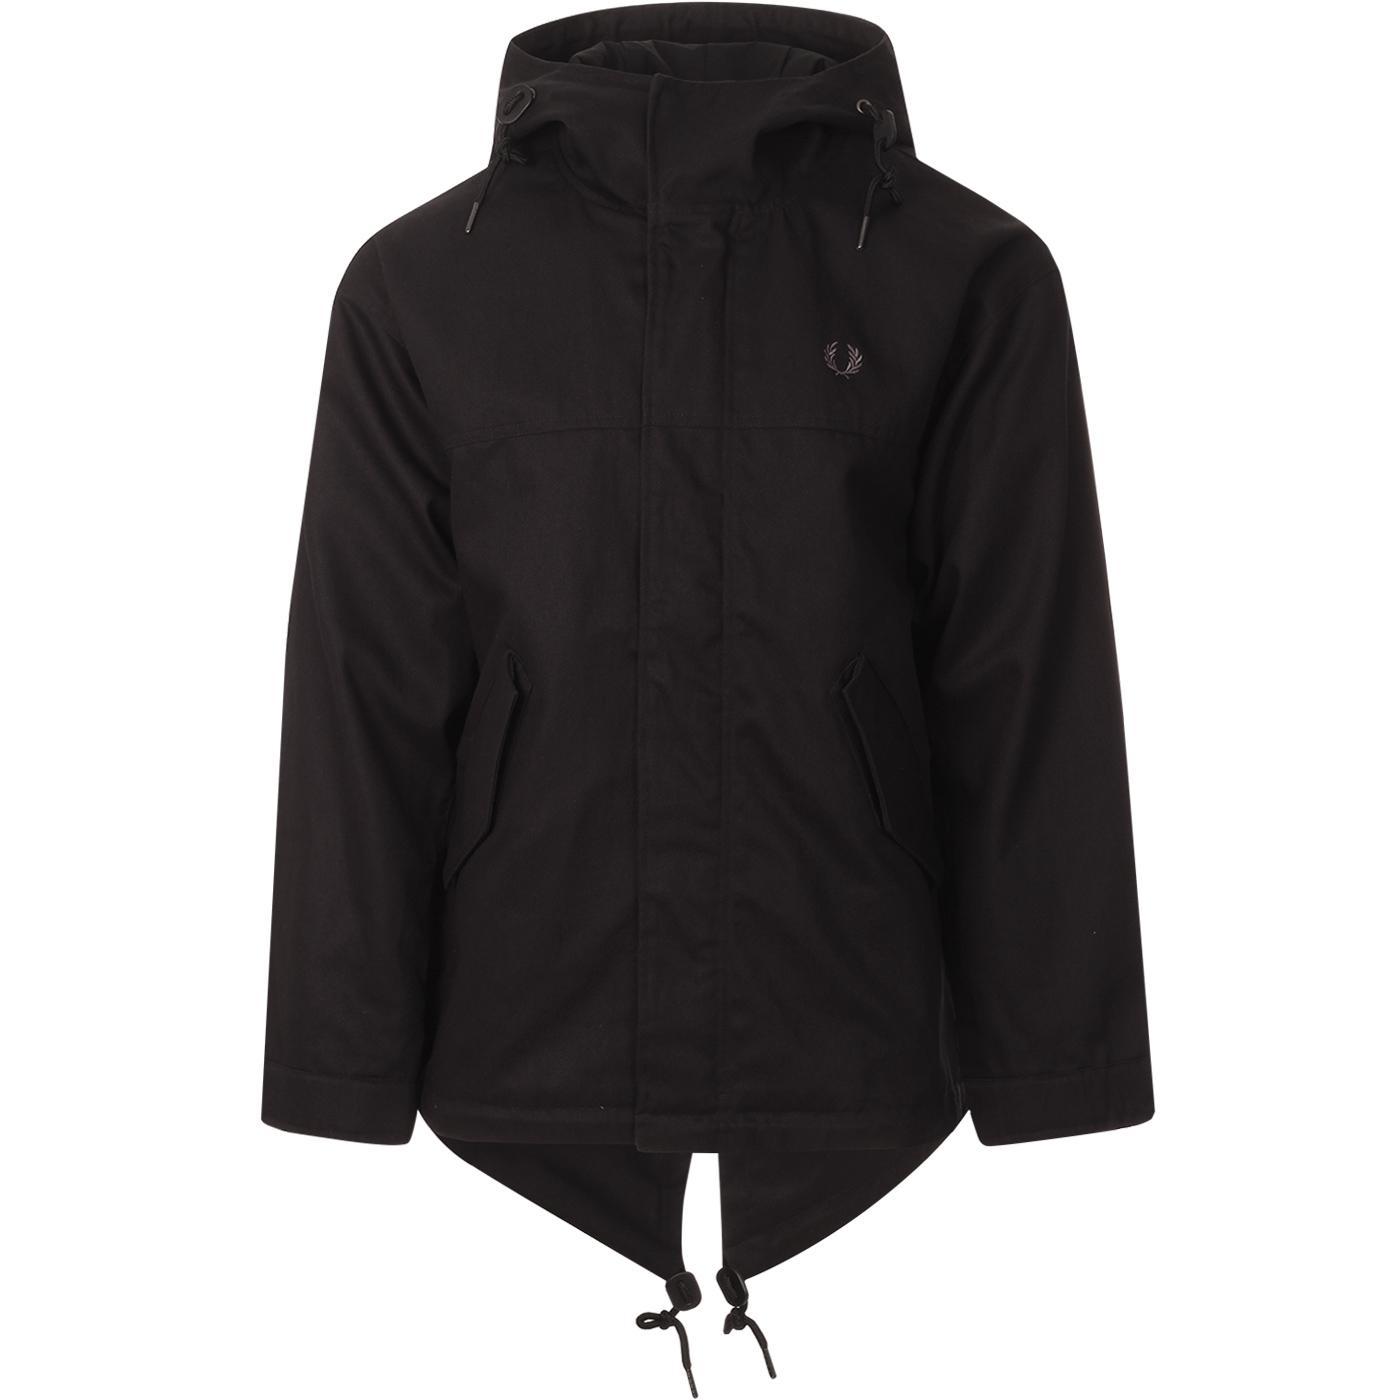 FRED PERRY Heavy Twill Fishtail Parka Jacket BLACK